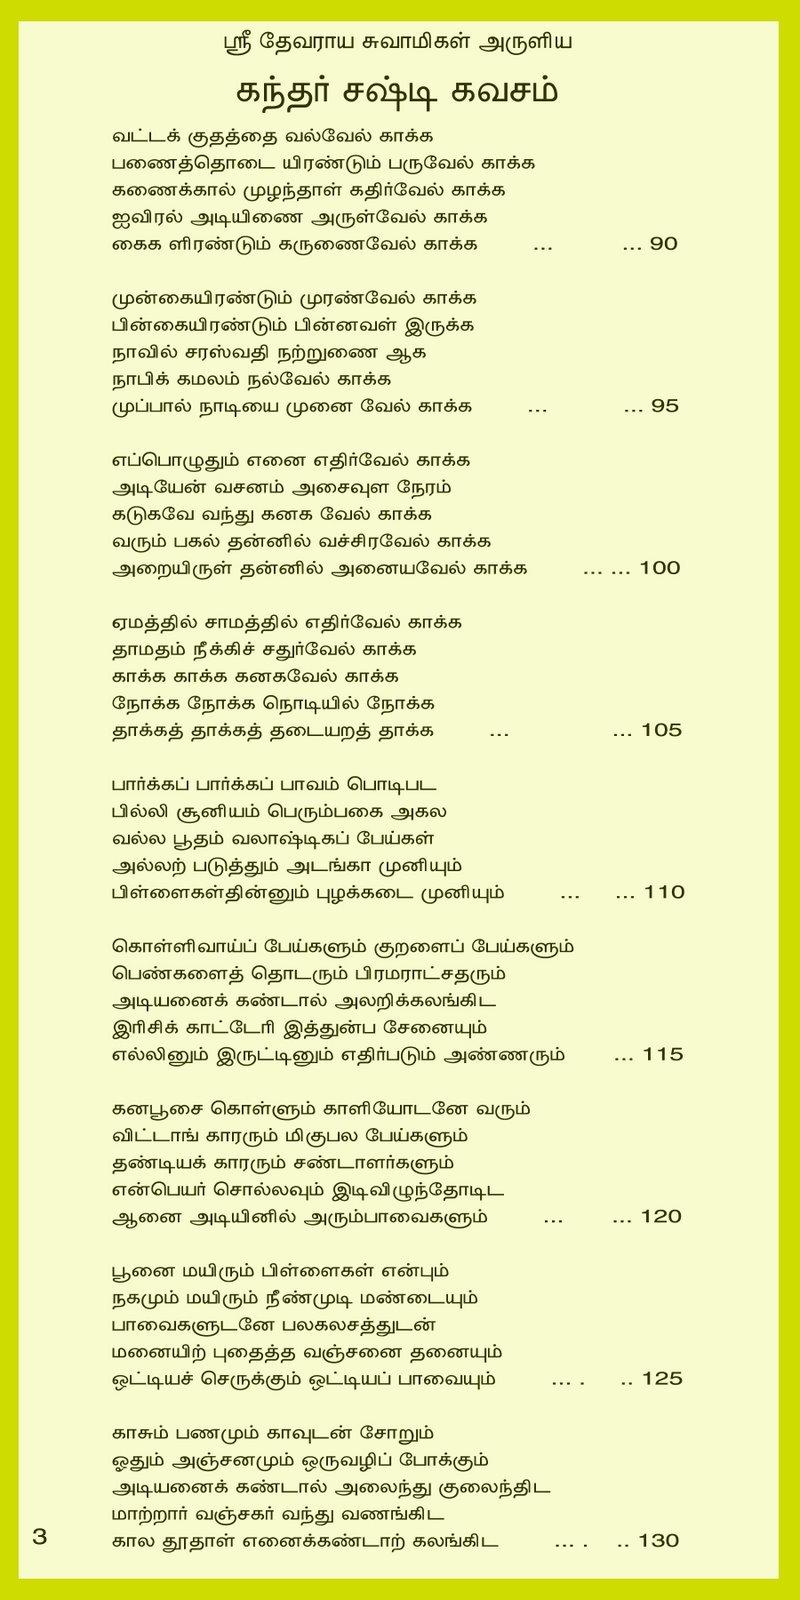 Kanda Sashti Kavasam Lyrics in Tamil and English